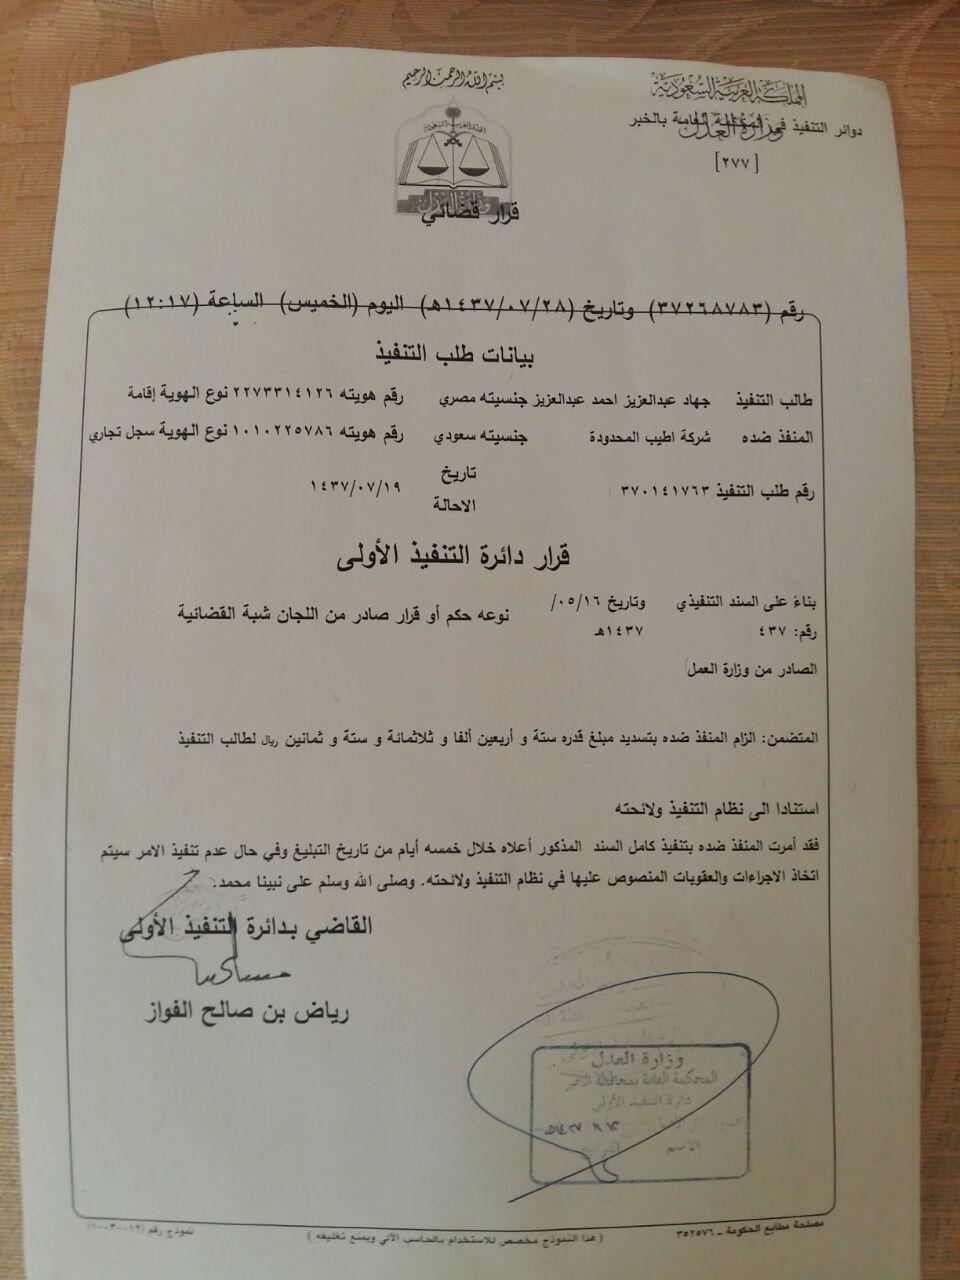 رسالة من مصري بالسعودية: كفيل يحتجز جواز سفري منذ عامين «مش عارف أعيش أنا وأسرتي»